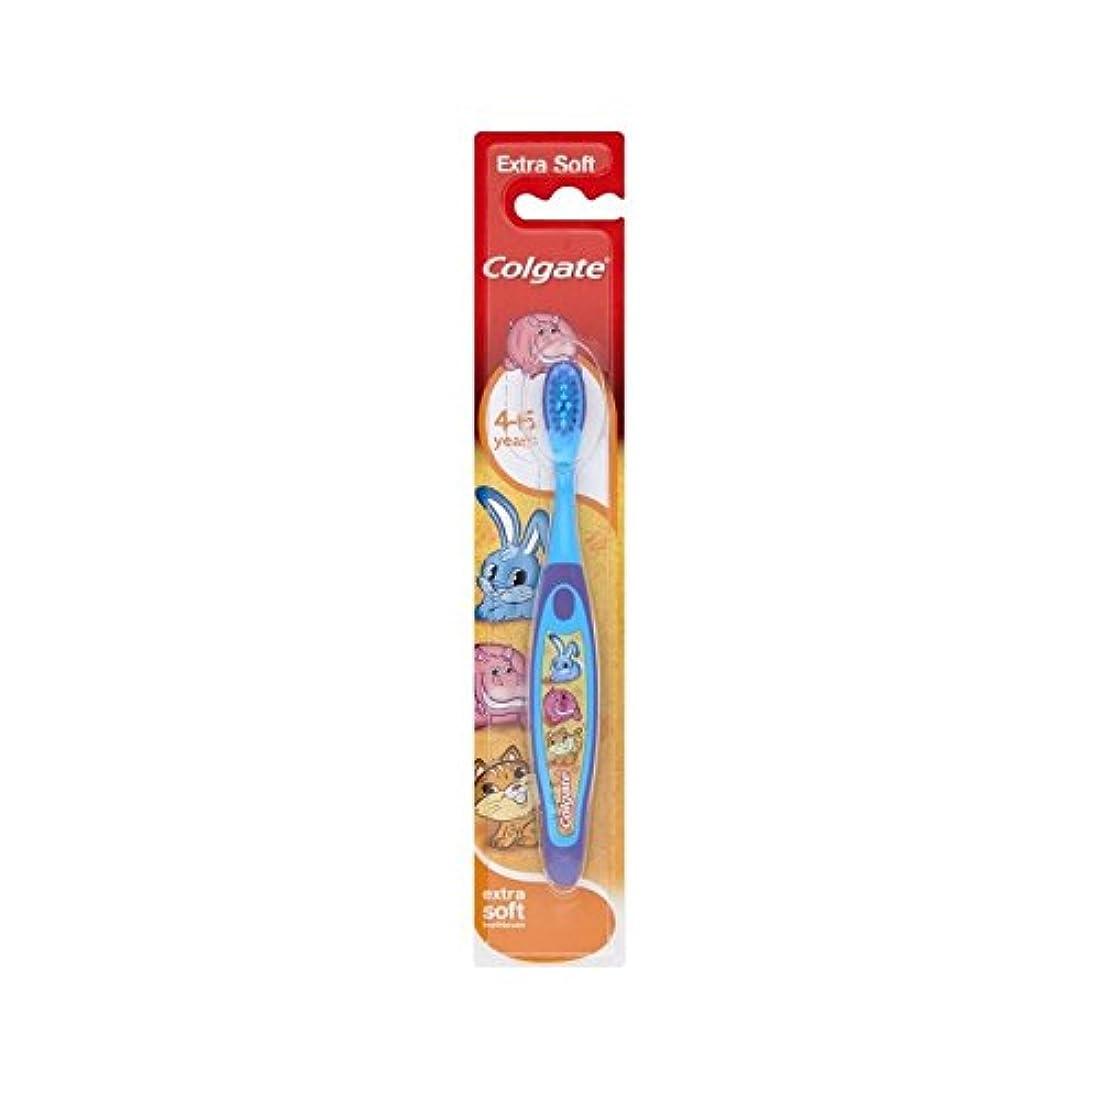 ピニオン不健全小人4-6歳の歯ブラシを笑顔 (Colgate) - Colgate Smiles 4-6 Years Old Toothbrush [並行輸入品]